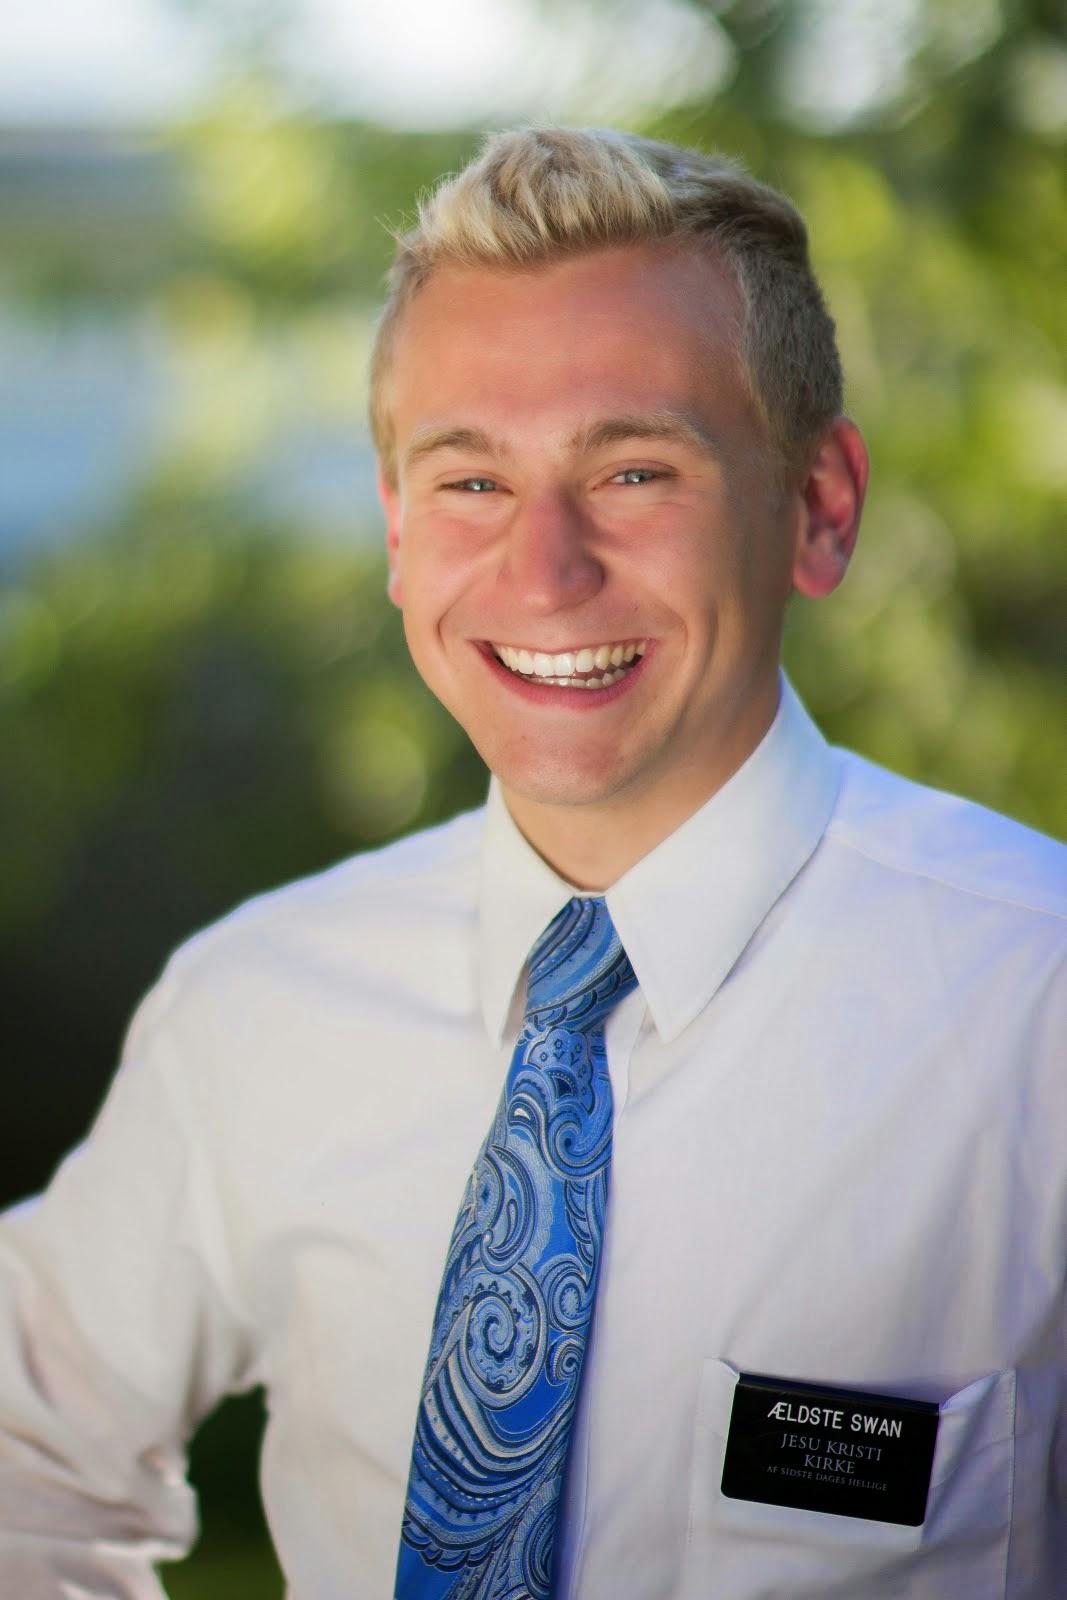 Elder Andrew Swan